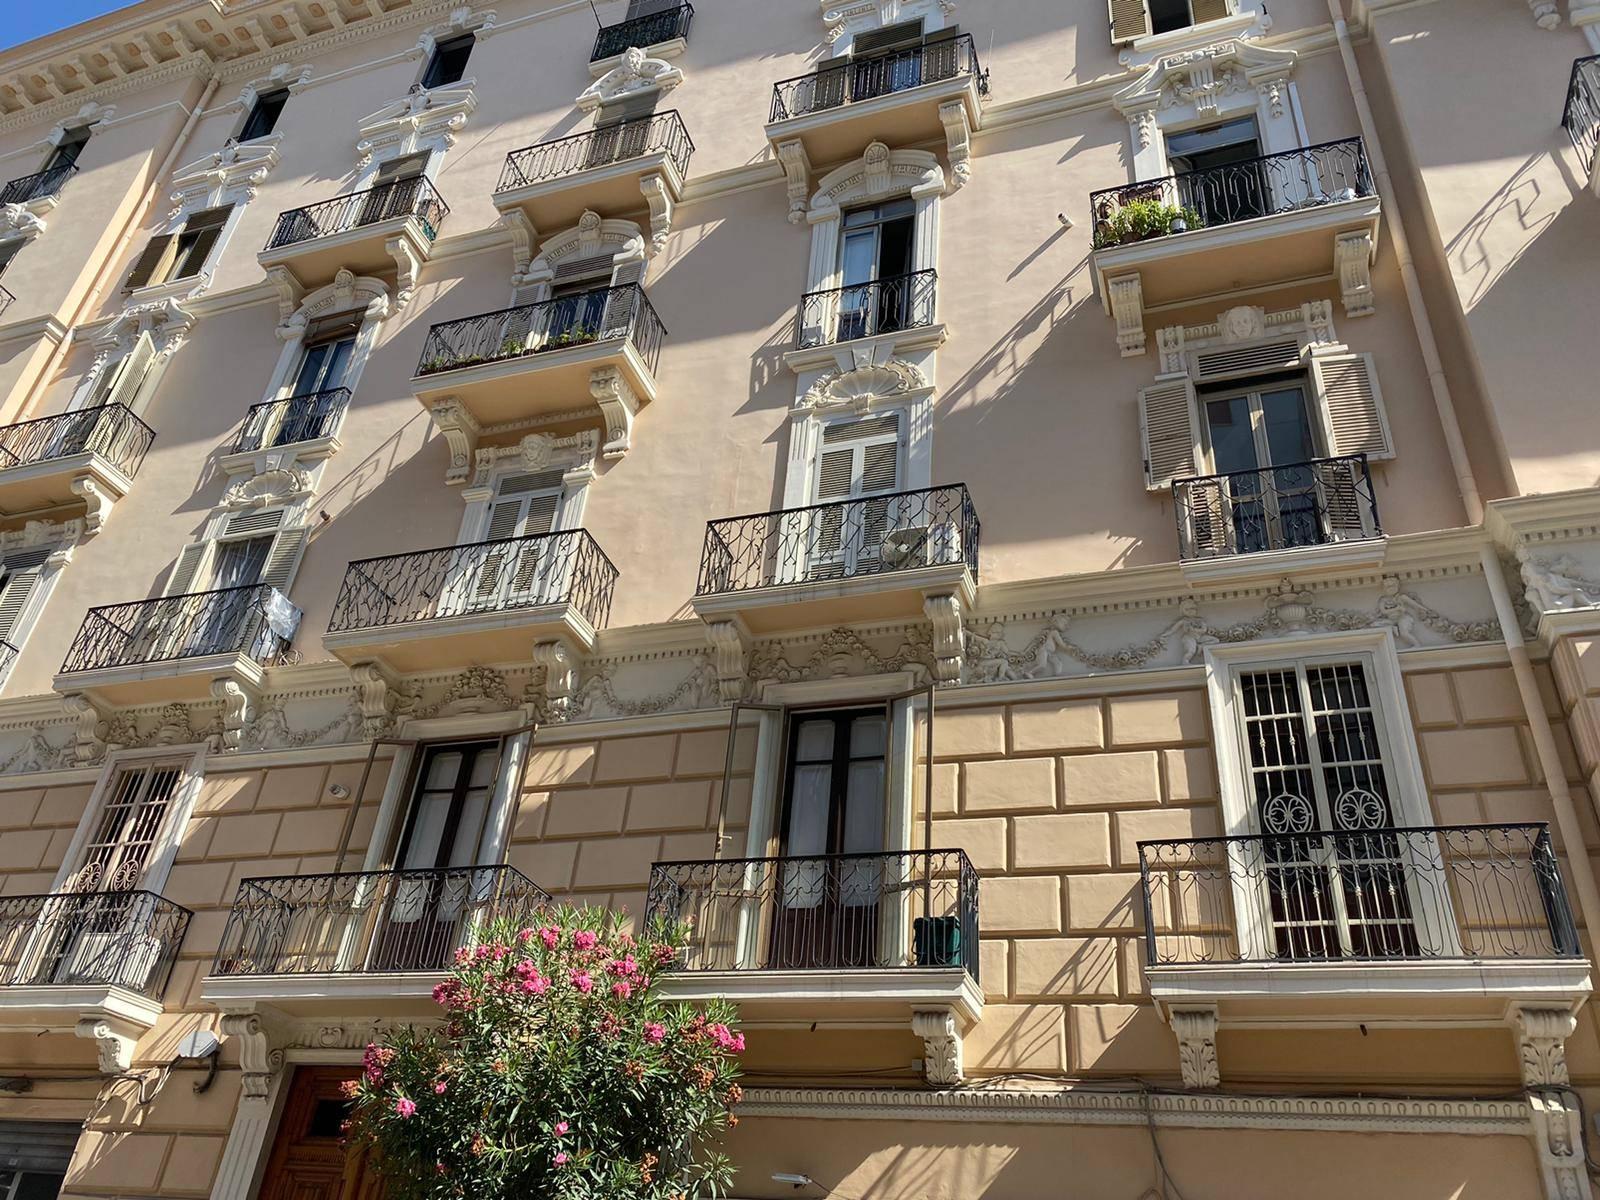 Appartamento in affitto a Salerno, 2 locali, zona Zona: Centro, prezzo € 650   CambioCasa.it